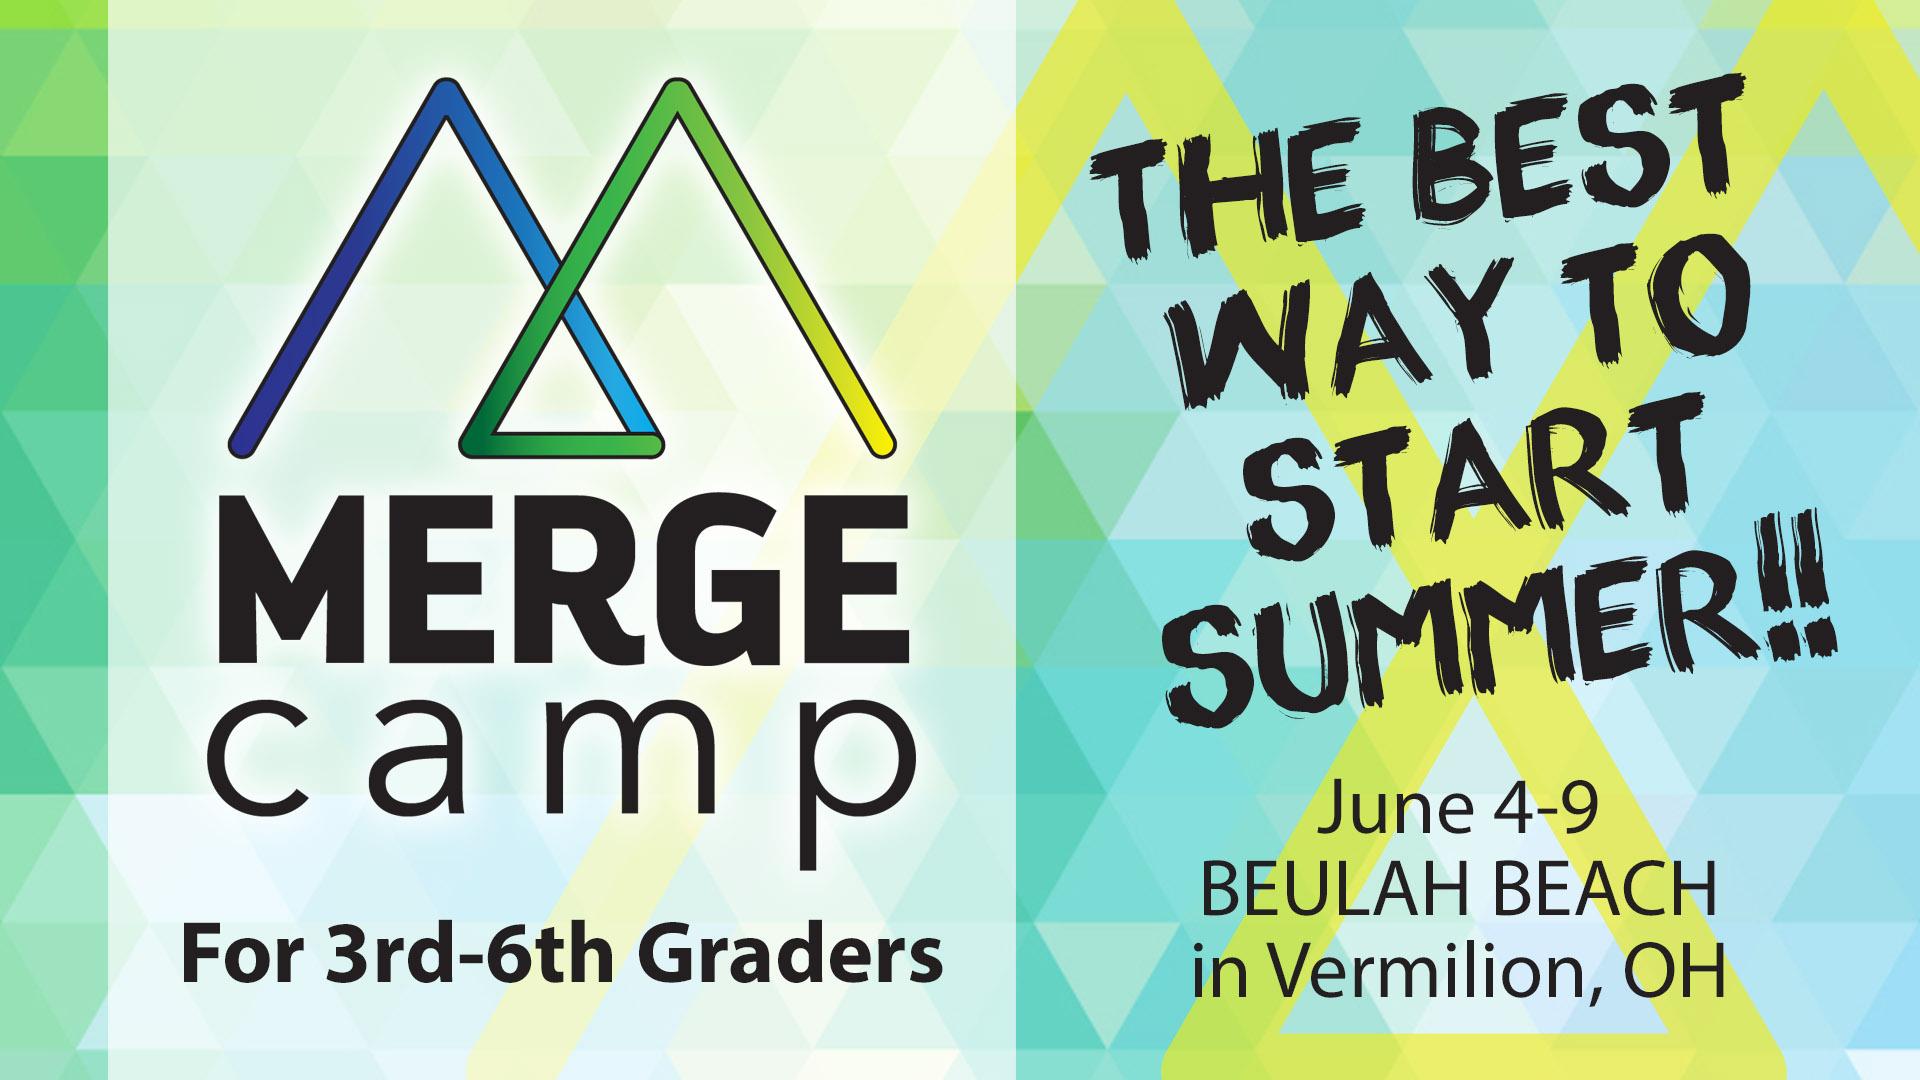 Merge camp